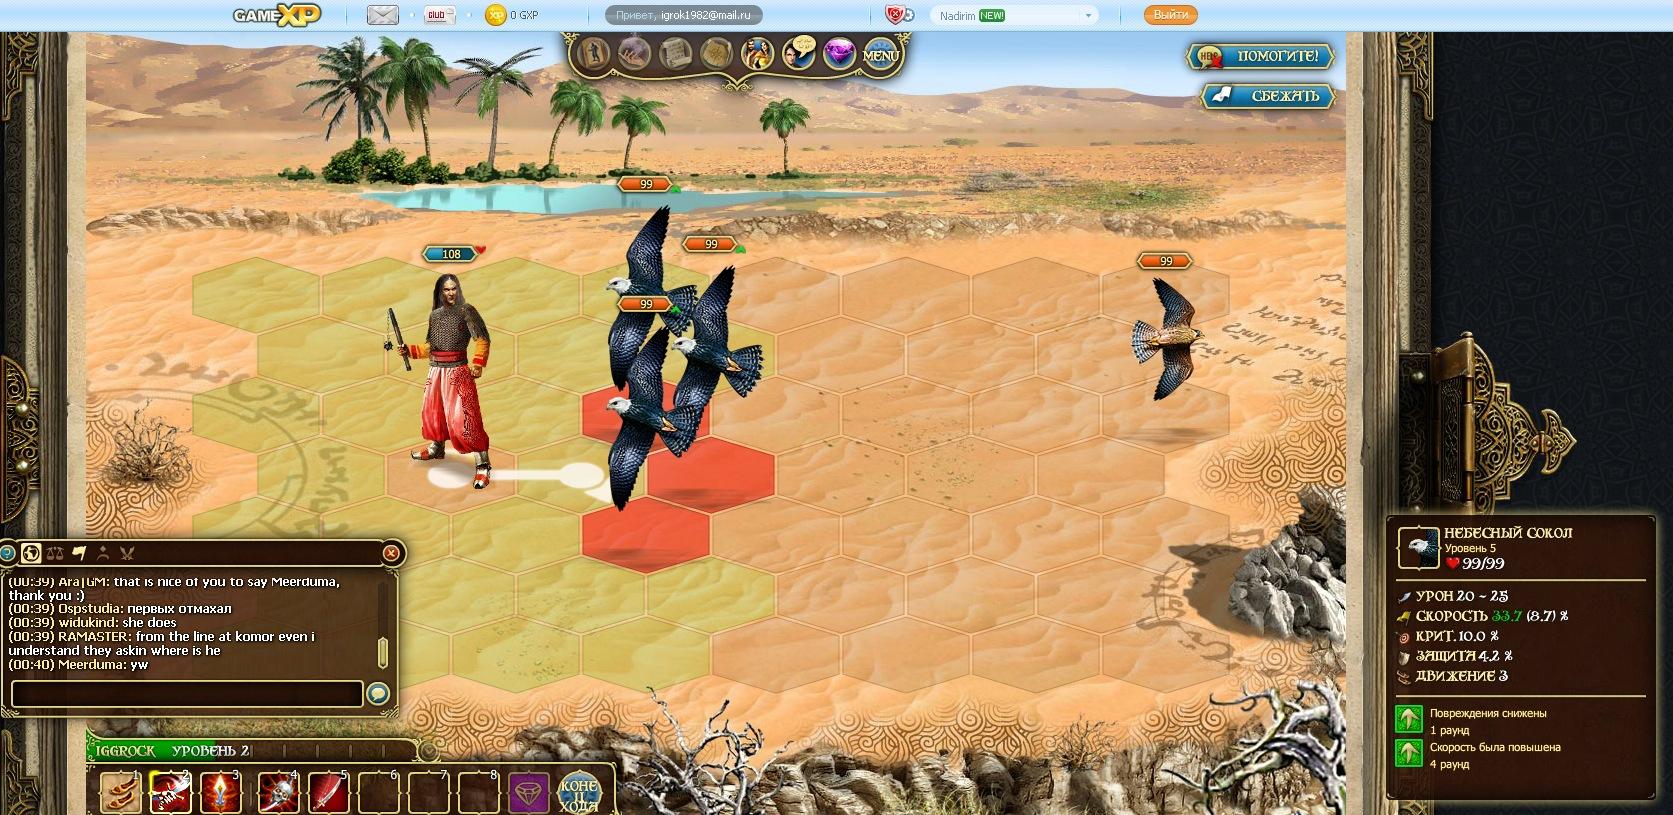 Ролевая многопользовательская браузерная онлайн игра маскарад вампиров городская ролевая игра